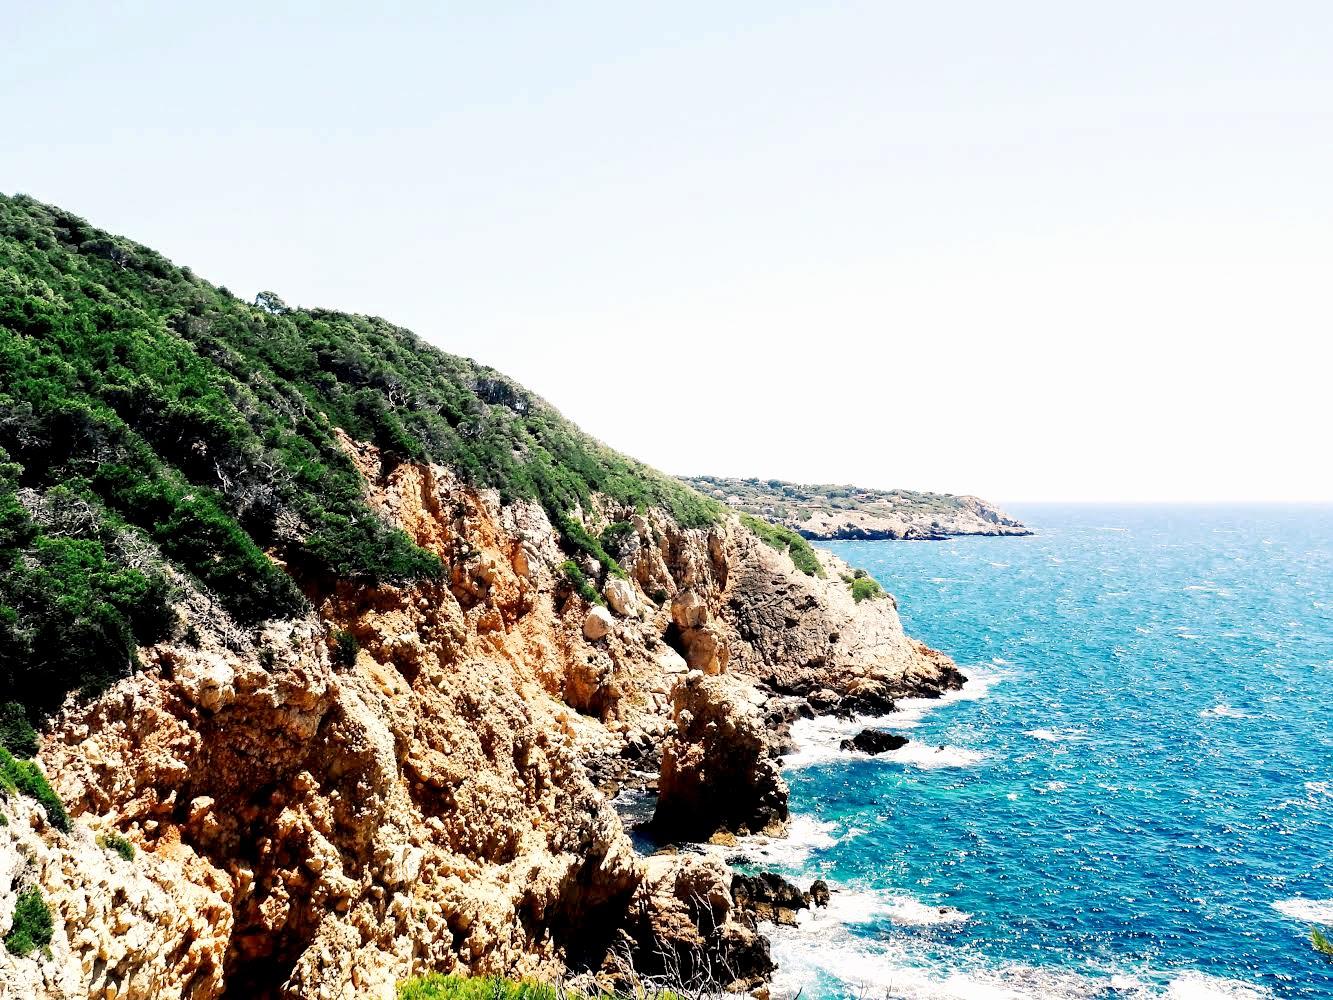 calanque de Port d'Alon - www.hellolaroux.com